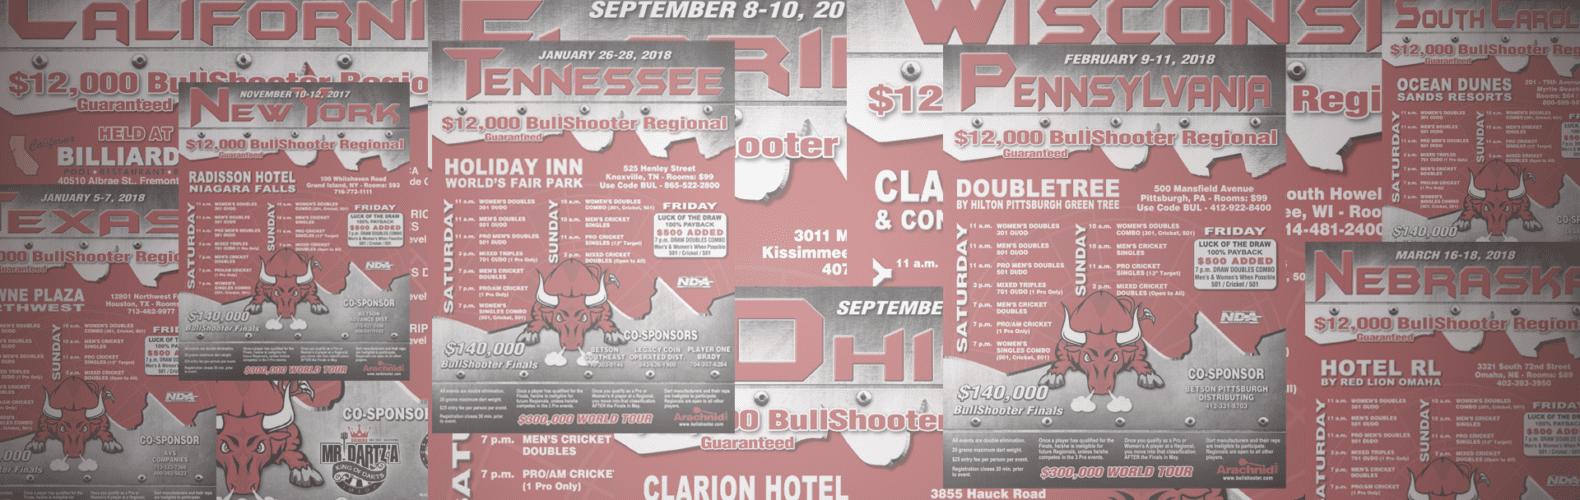 33rd Annual BullShooter Regional Tour